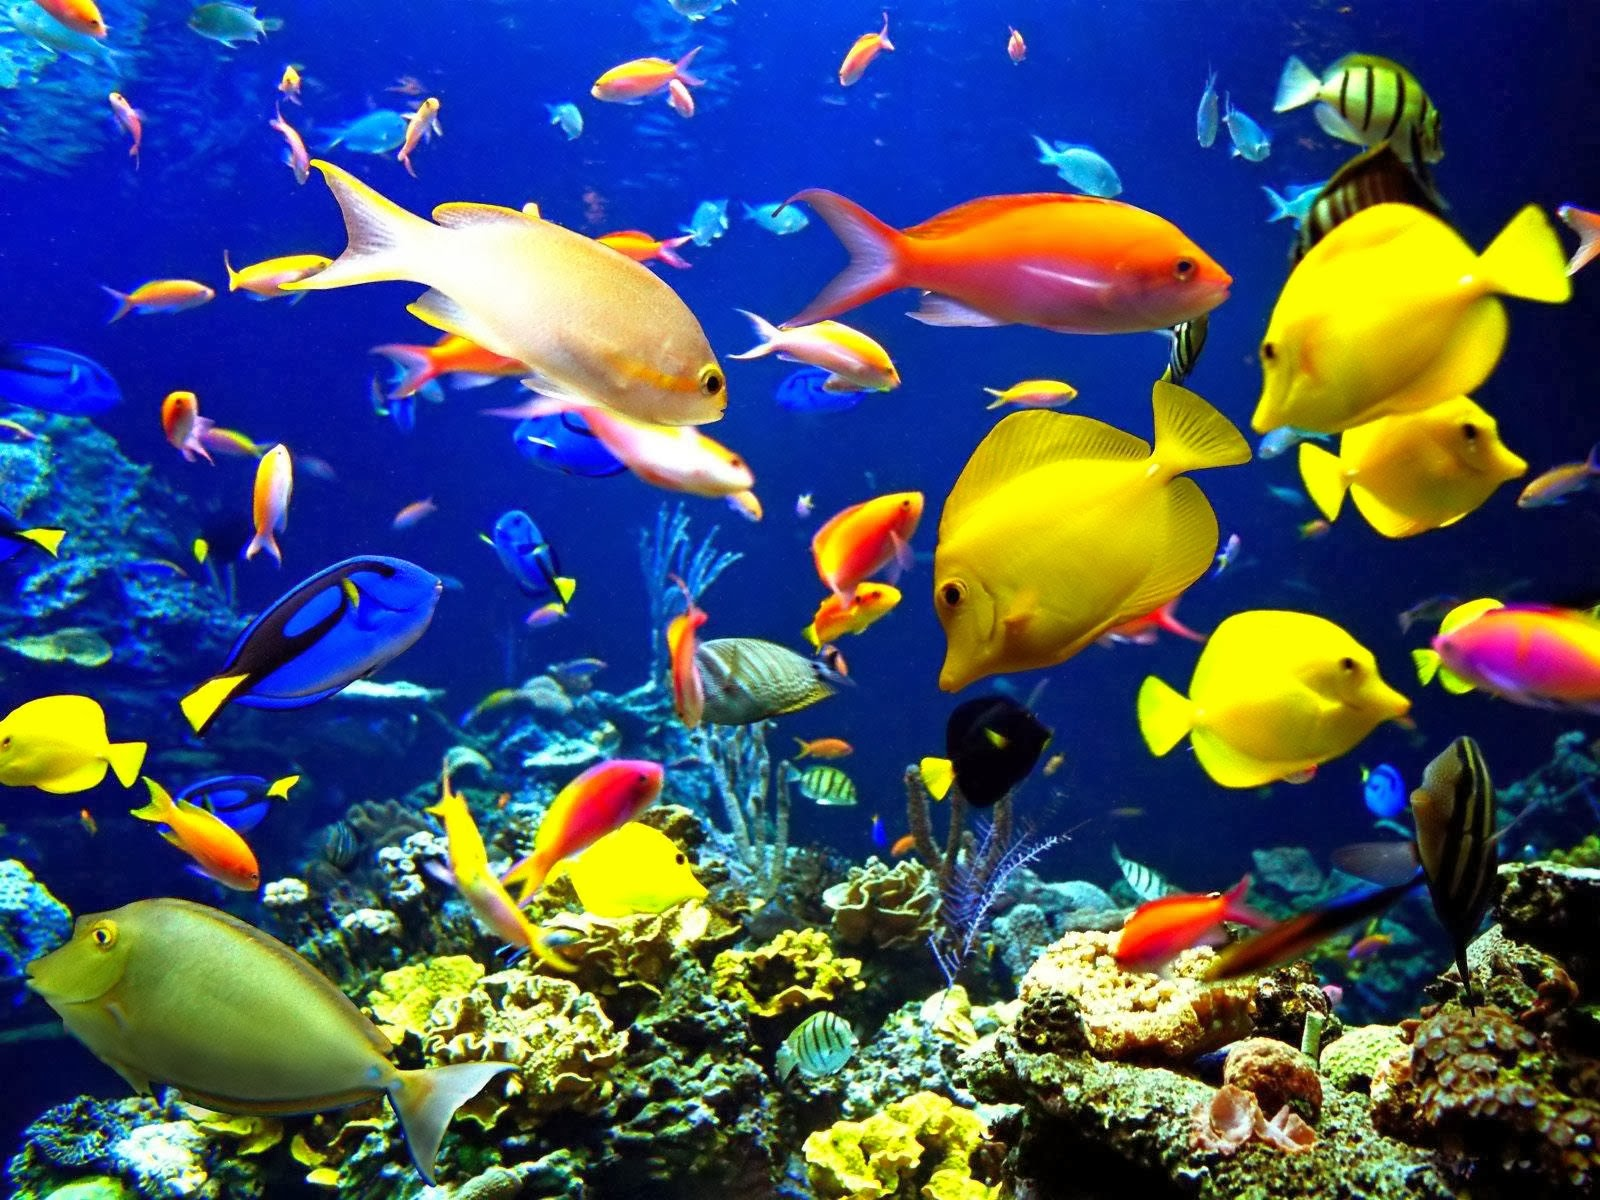 Kumpulan Gambar Wallpaper Ikan Bergerak